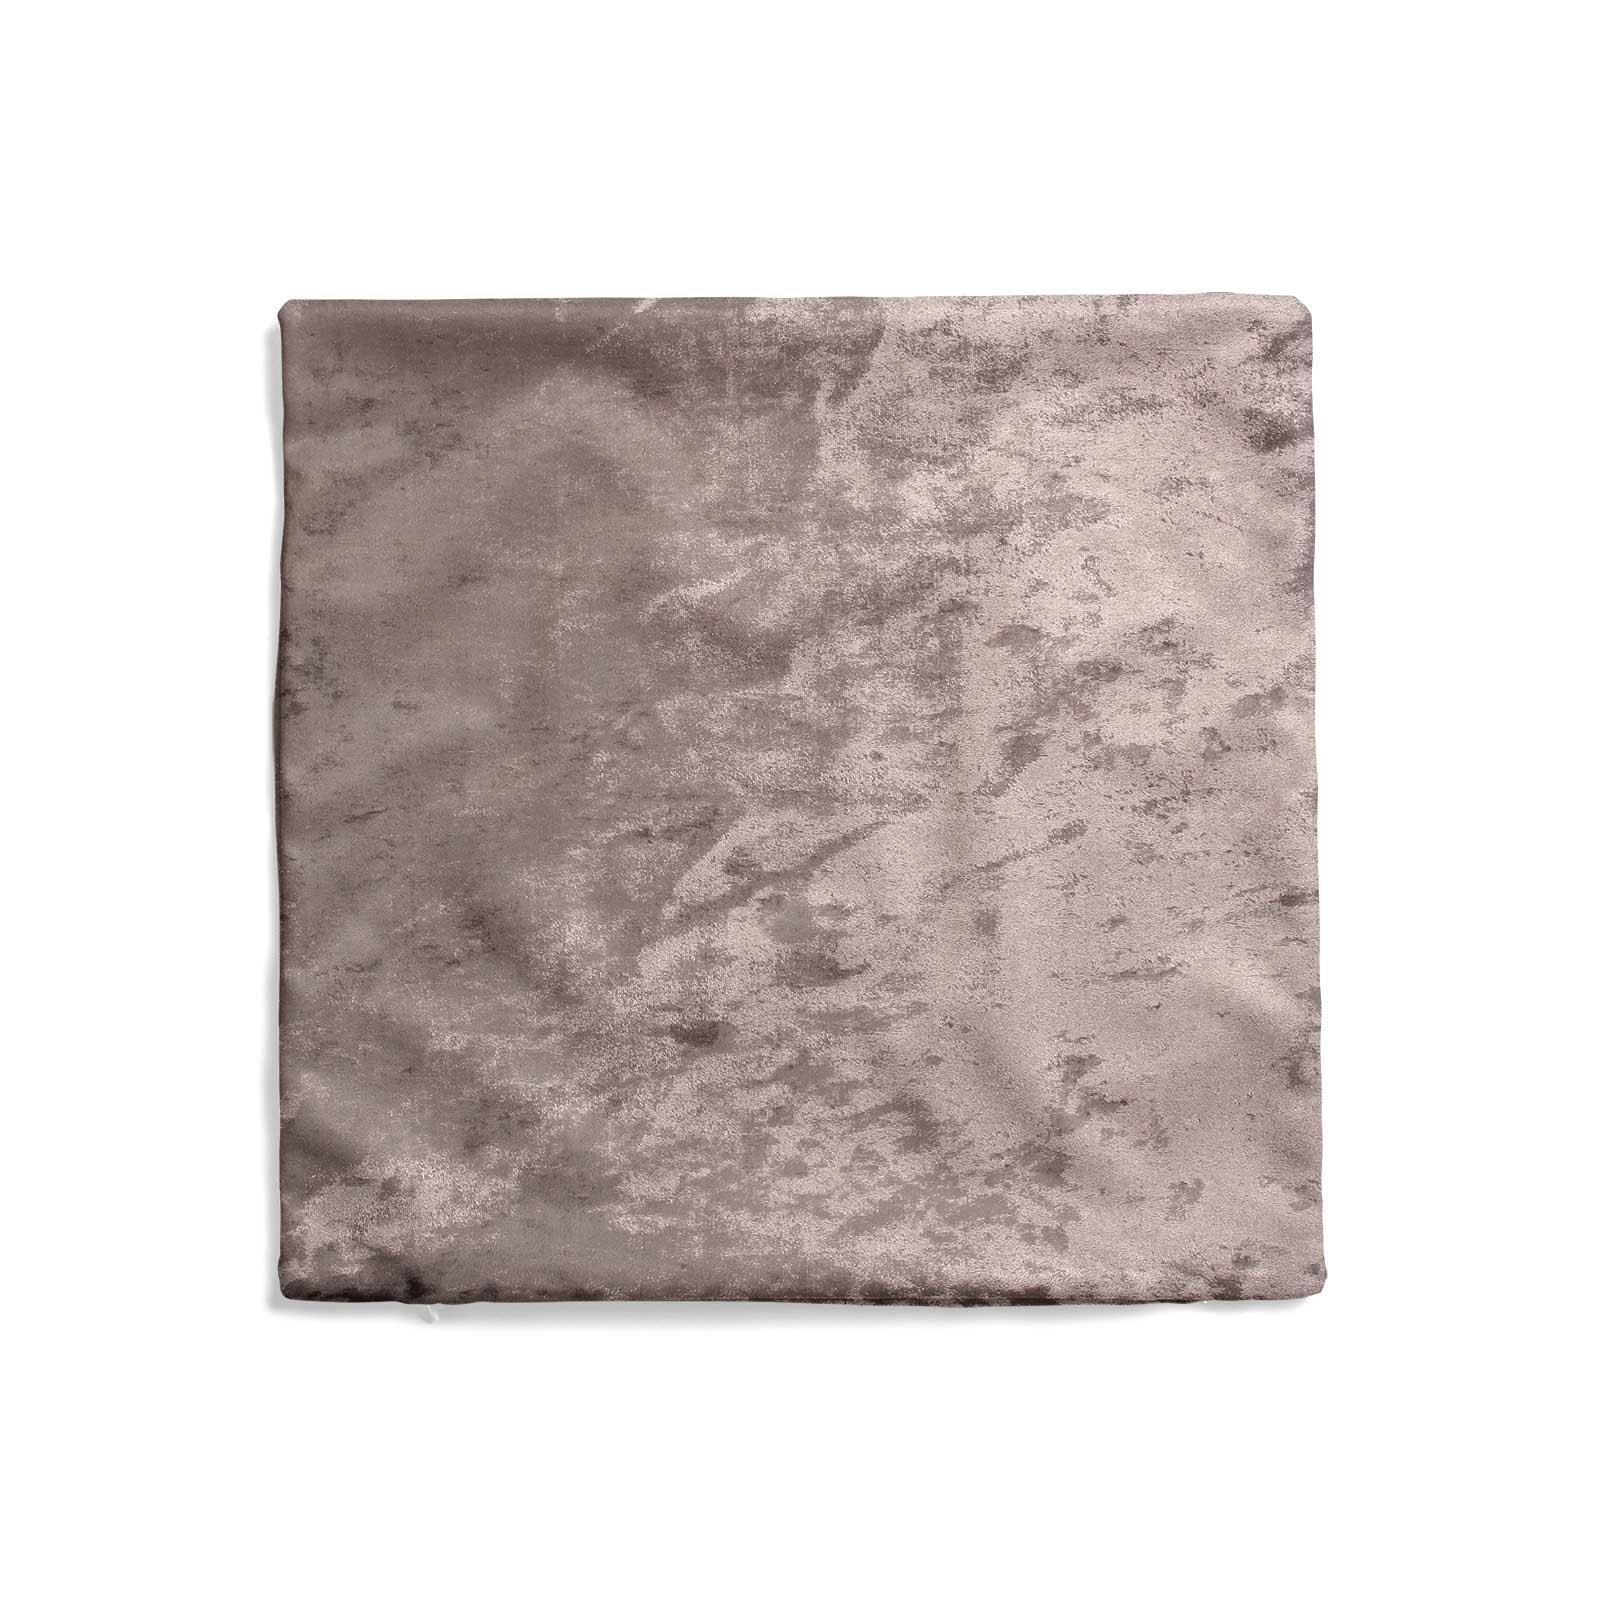 Cuscino-di-velluto-schiacciato-copre-GLAM-Tinta-Unita-Copricuscino-18-034-x-18-034-45cm-x-45cm miniatura 46